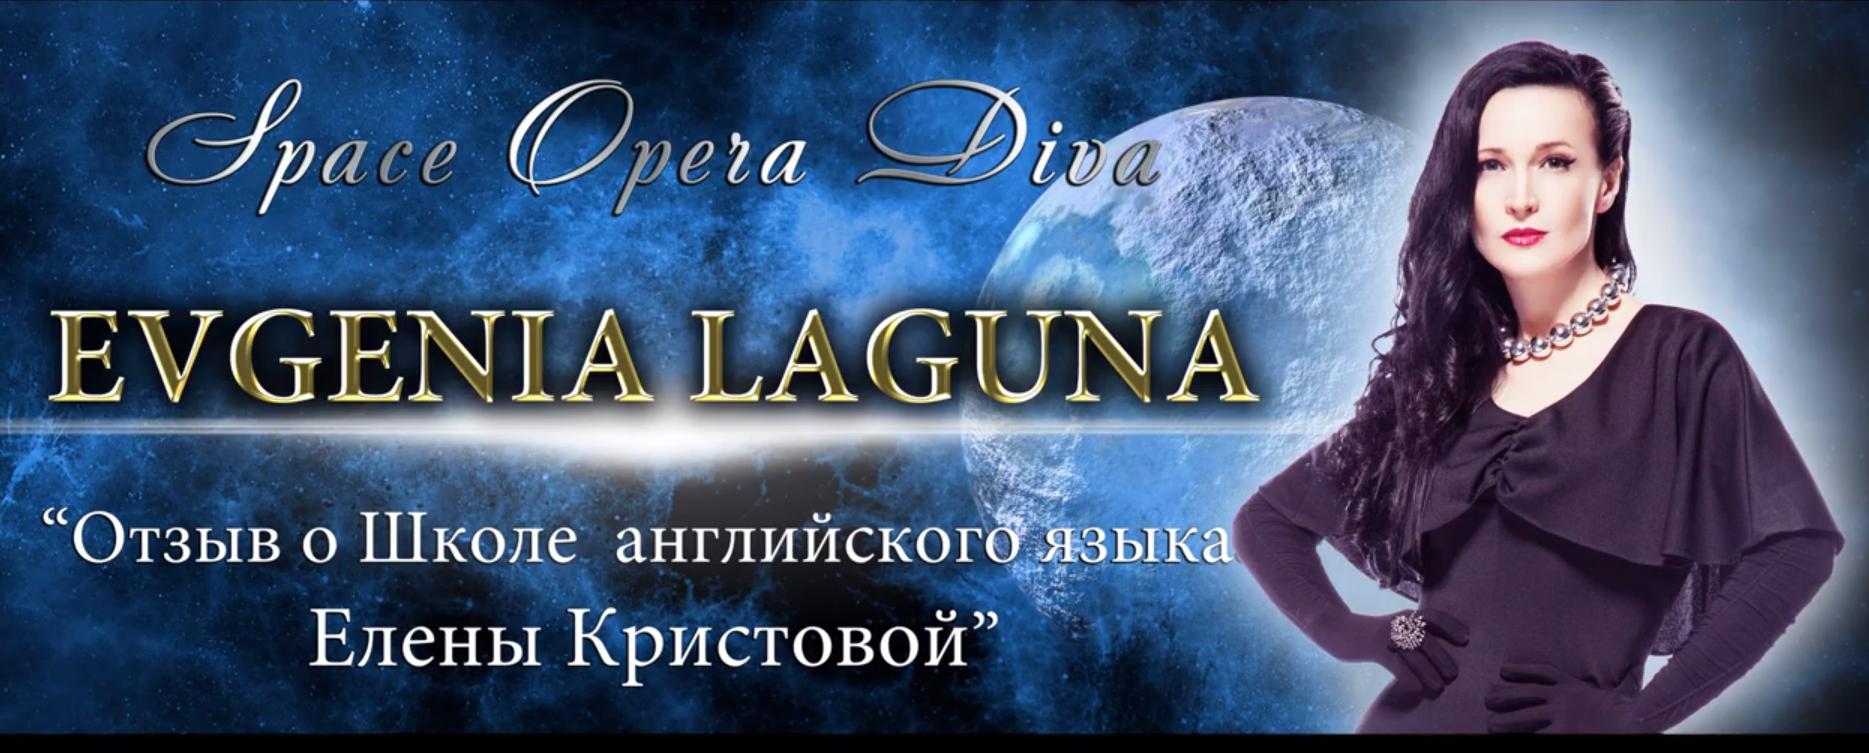 Евгения Лагуна, г. Москва